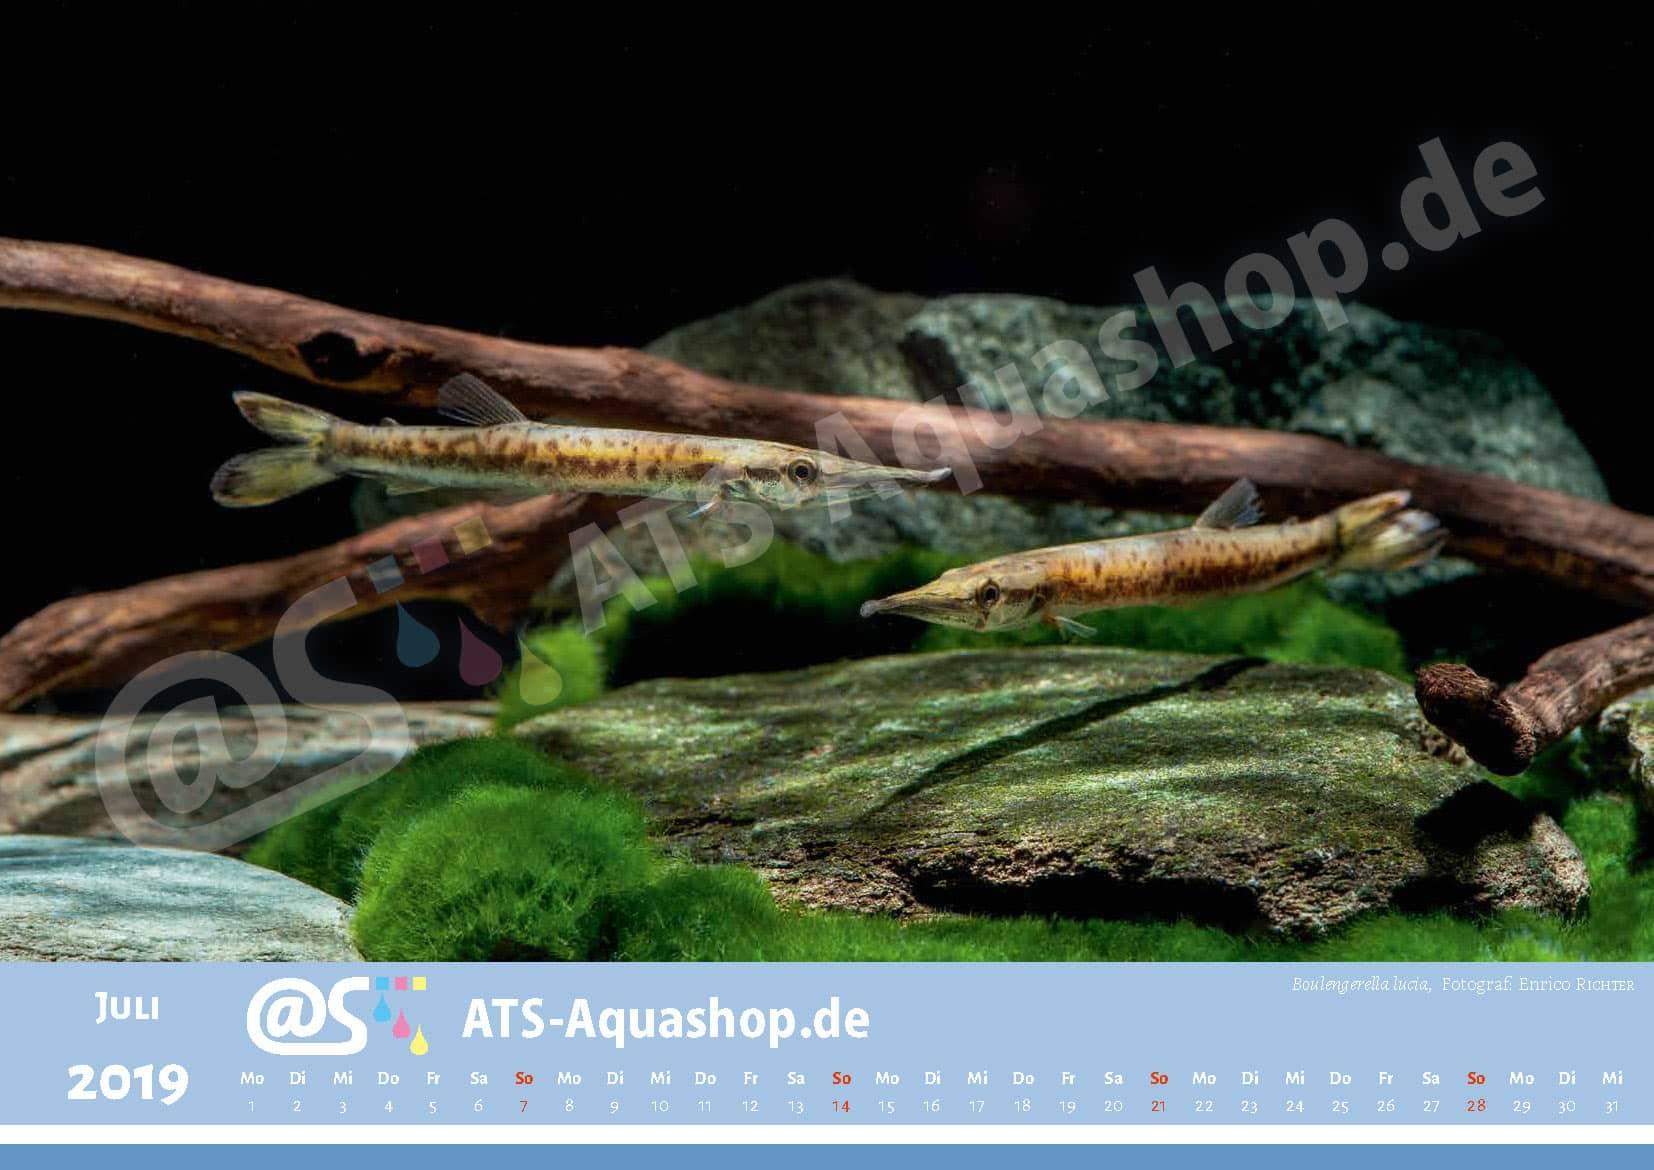 Photo calendar 2019 DIN A3: Boulengerella lucia